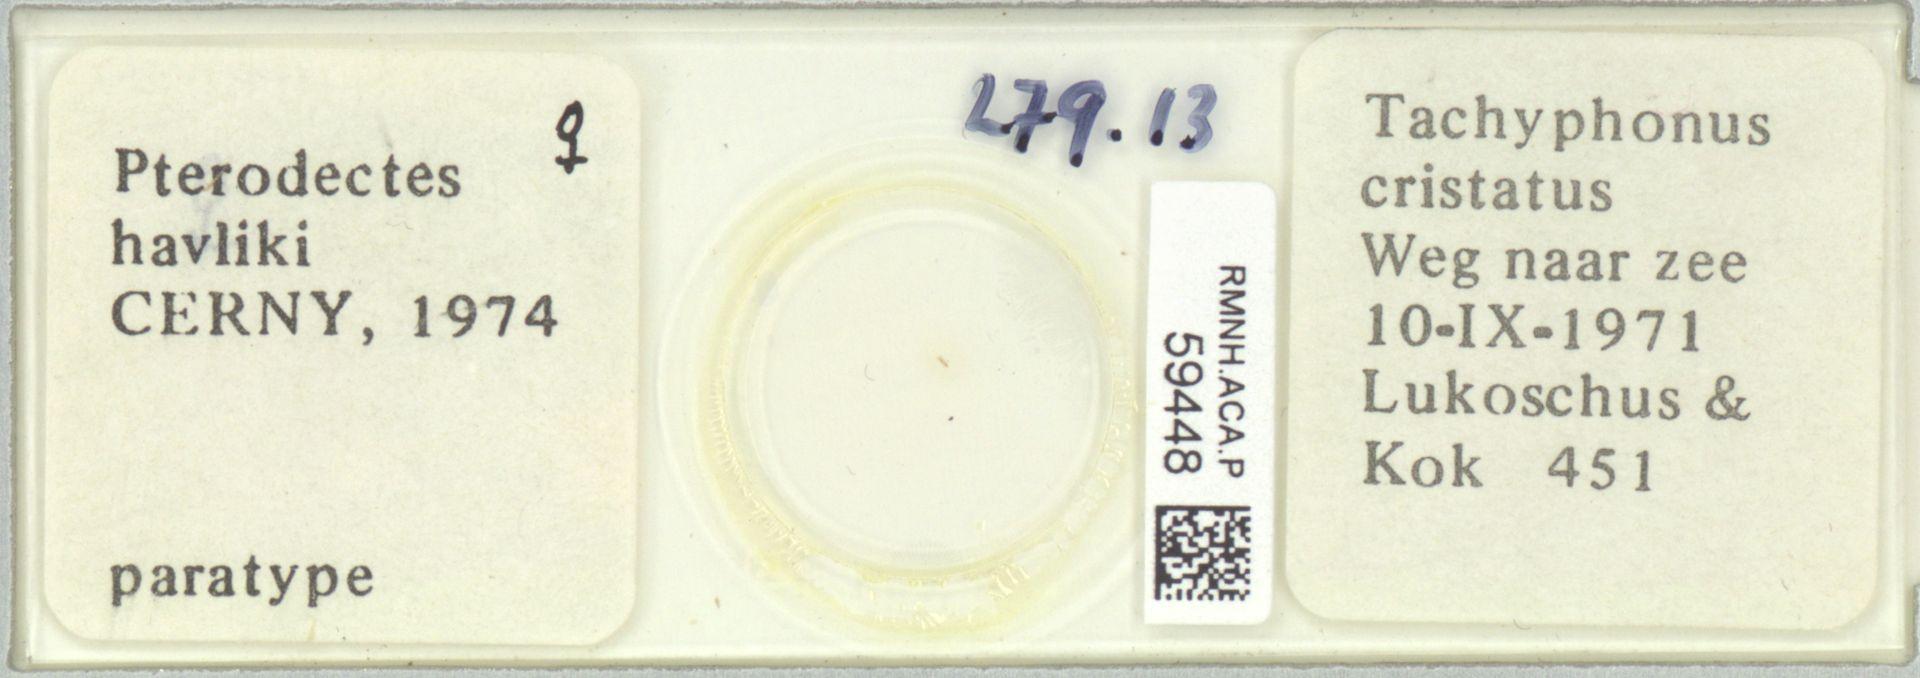 RMNH.ACA.P.59448 | Pterodectes havliki Cerny, 1974